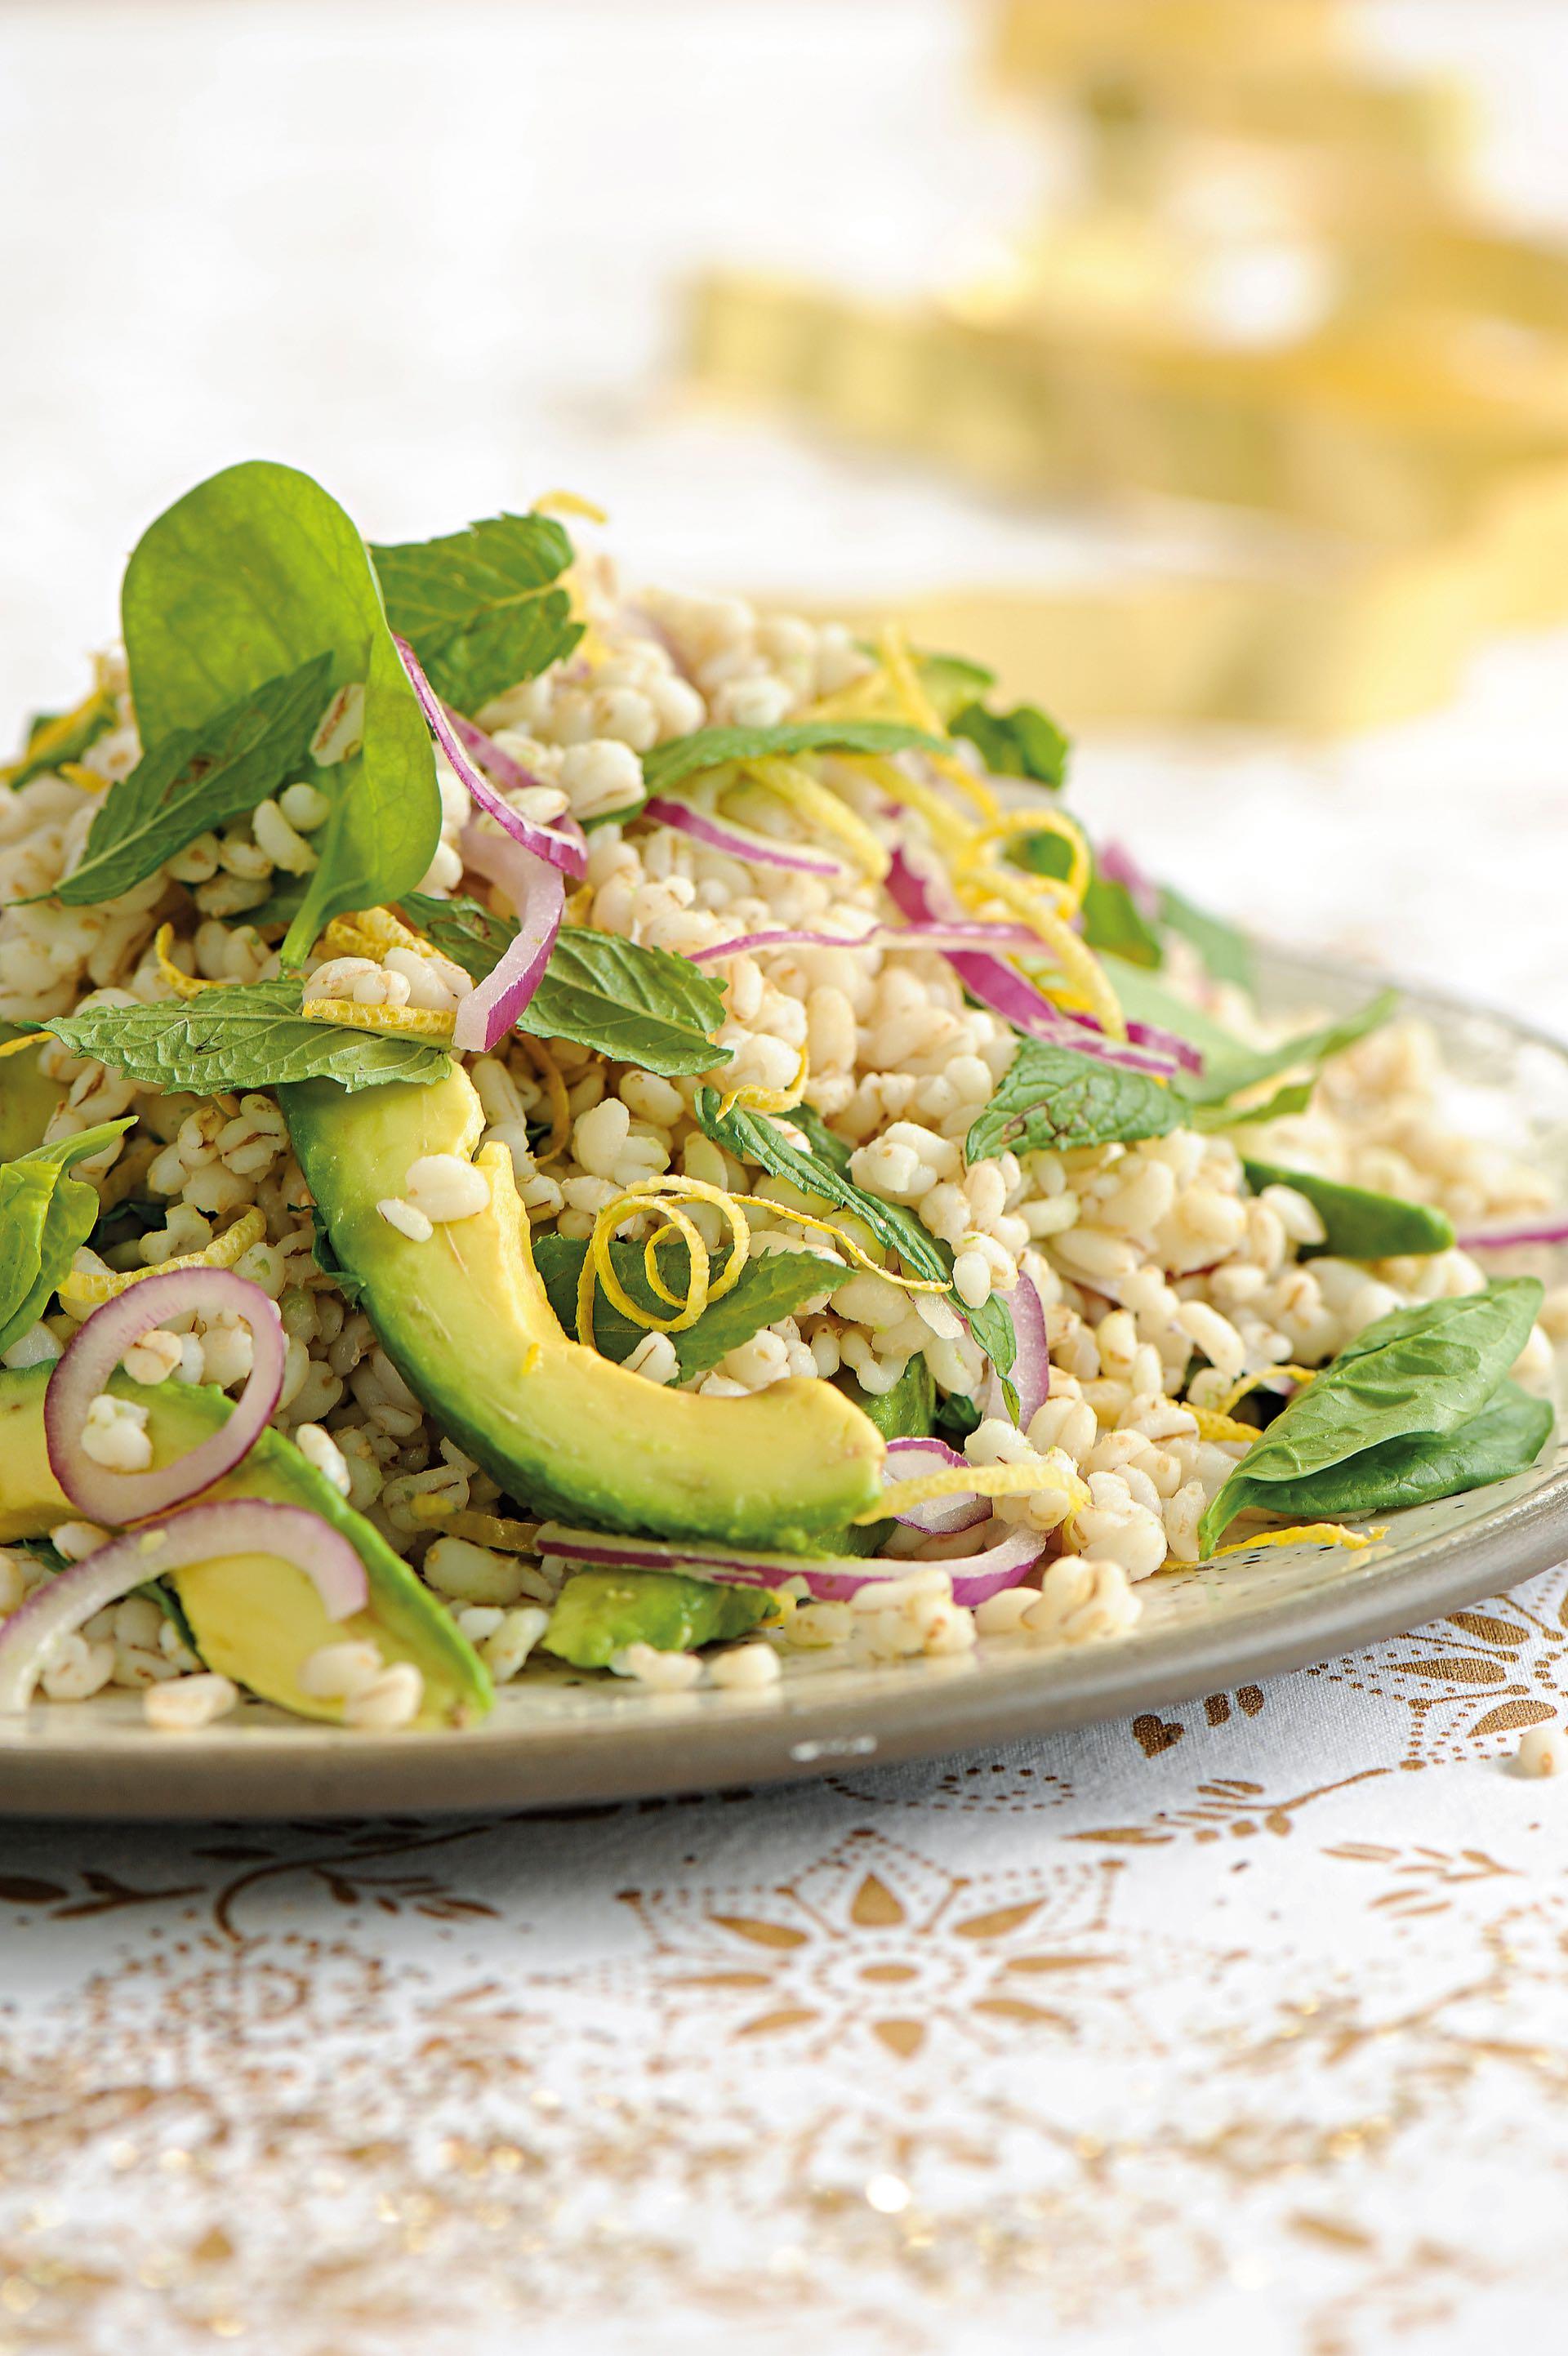 Se recomienda comer comida ligera y saludable (Foto: archivo)